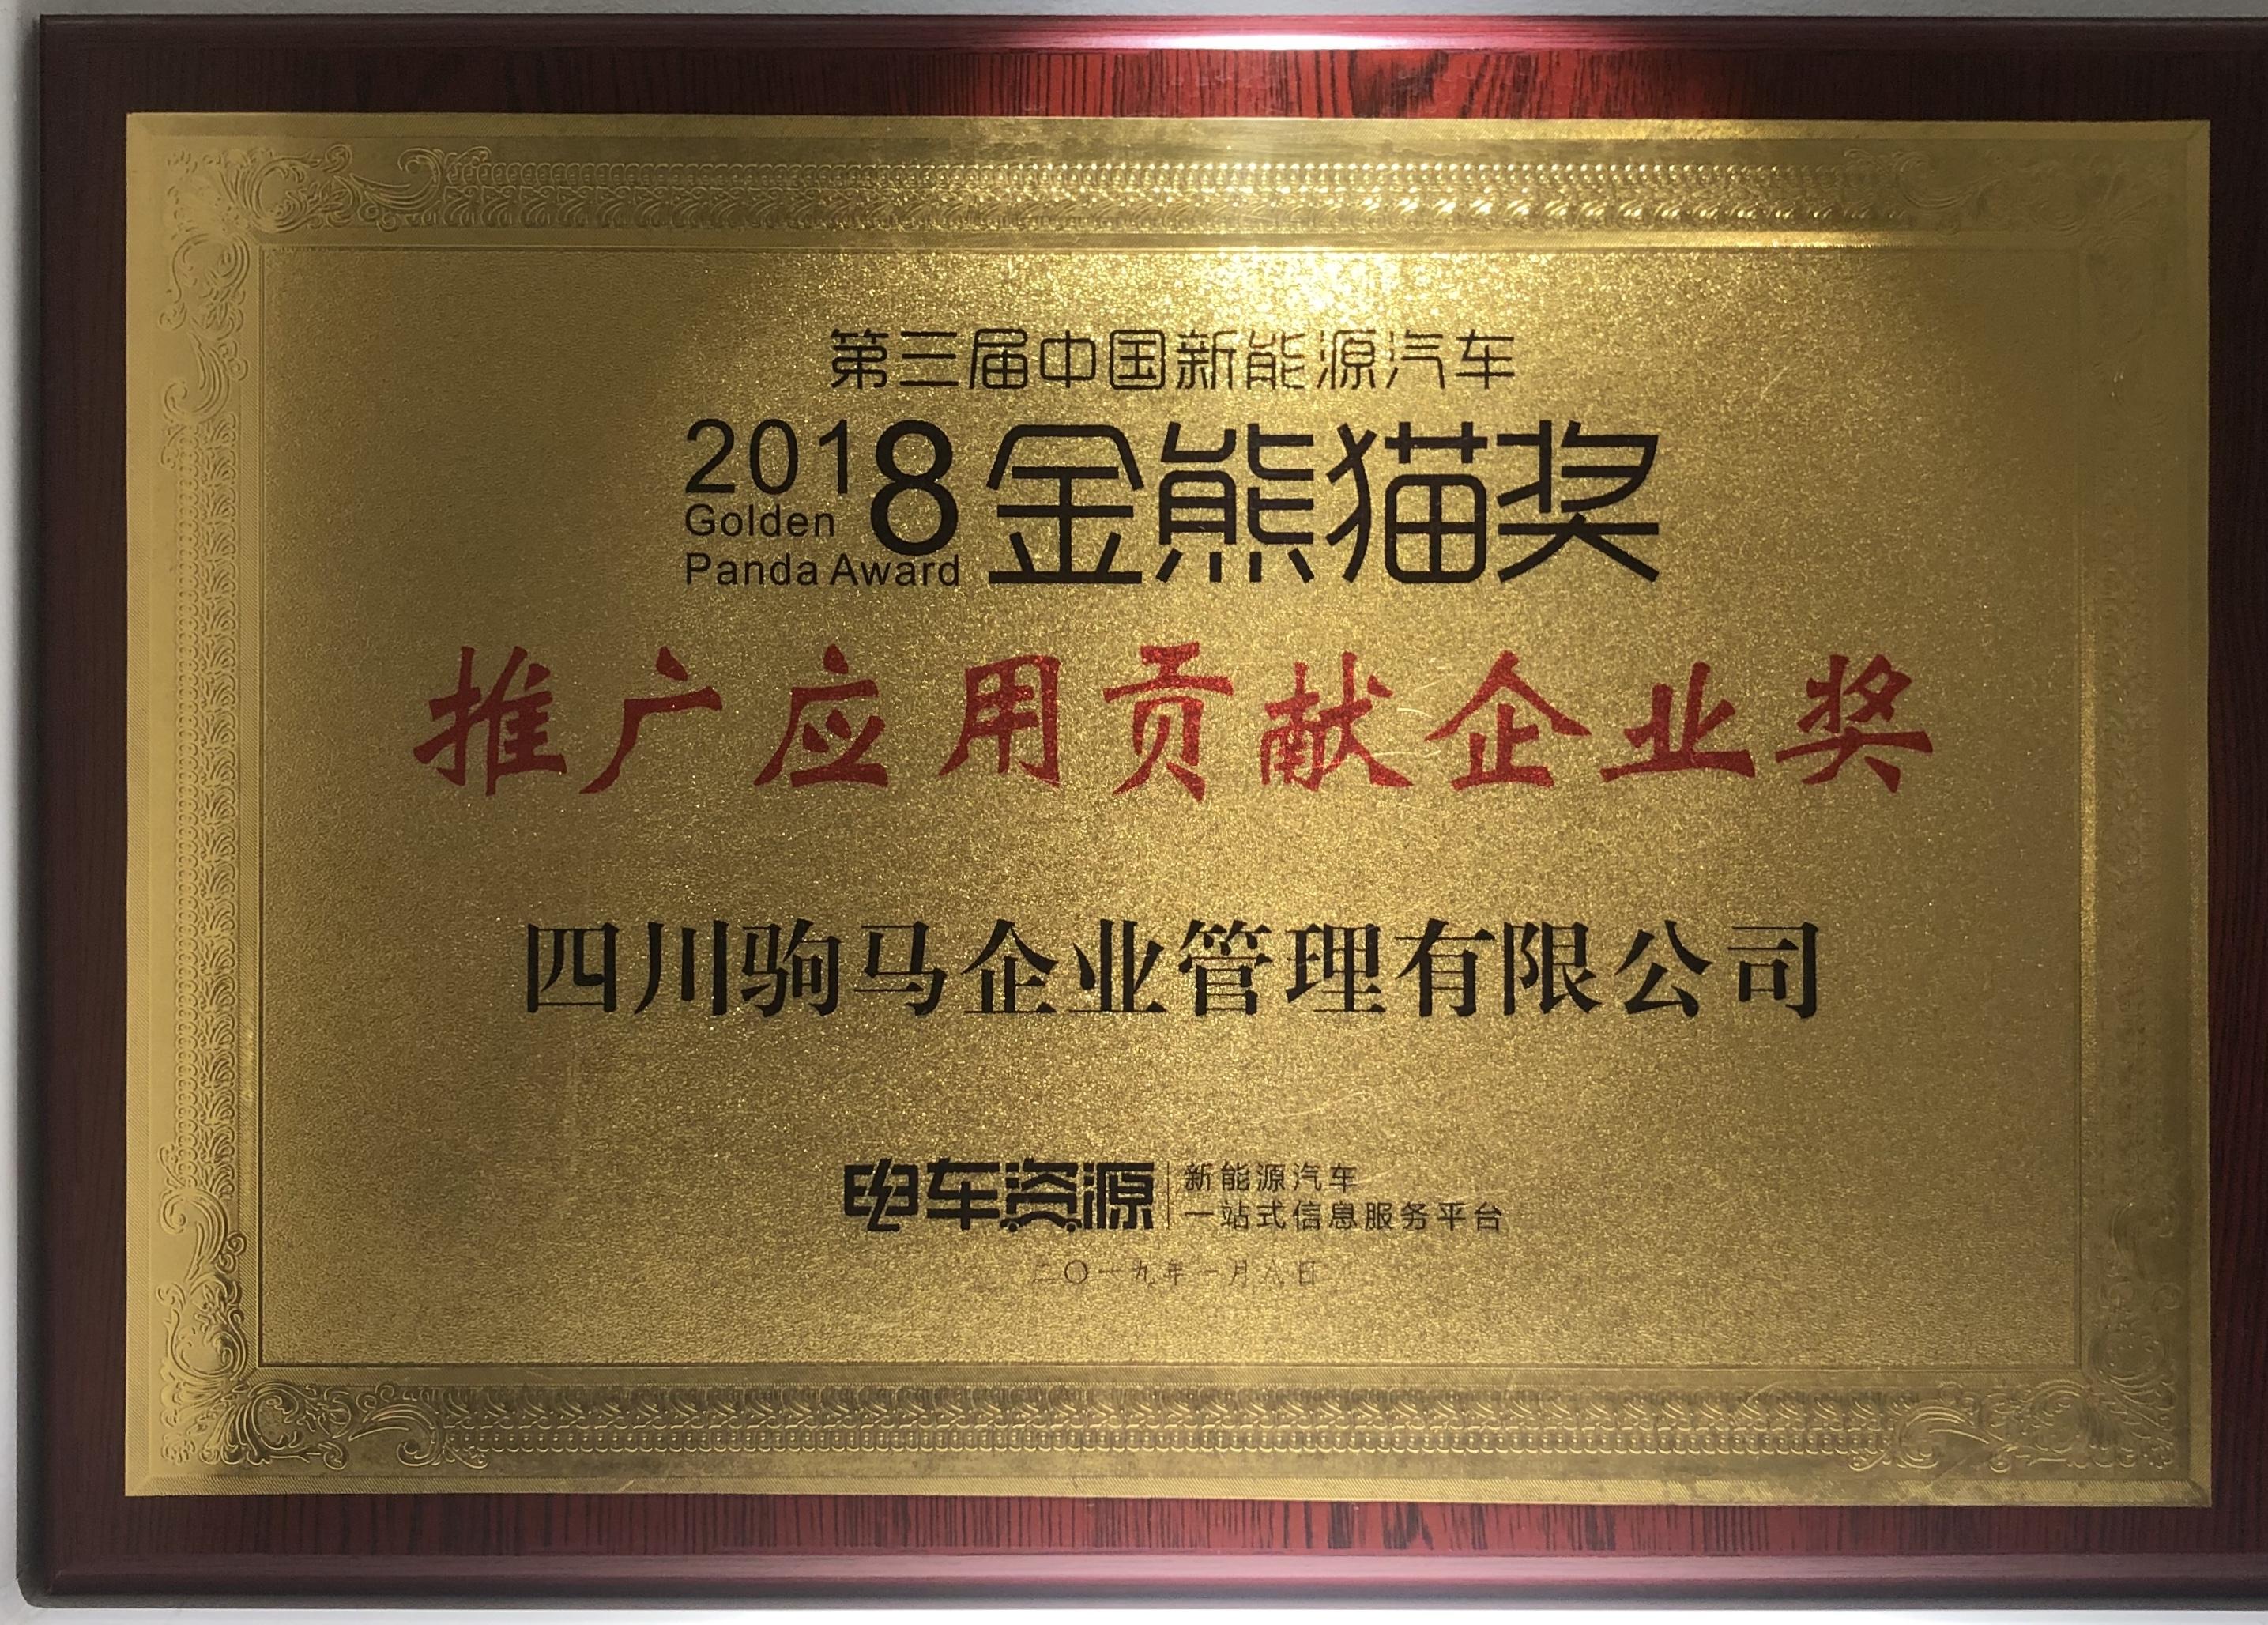 2018金熊猫奖应用贡献企业奖